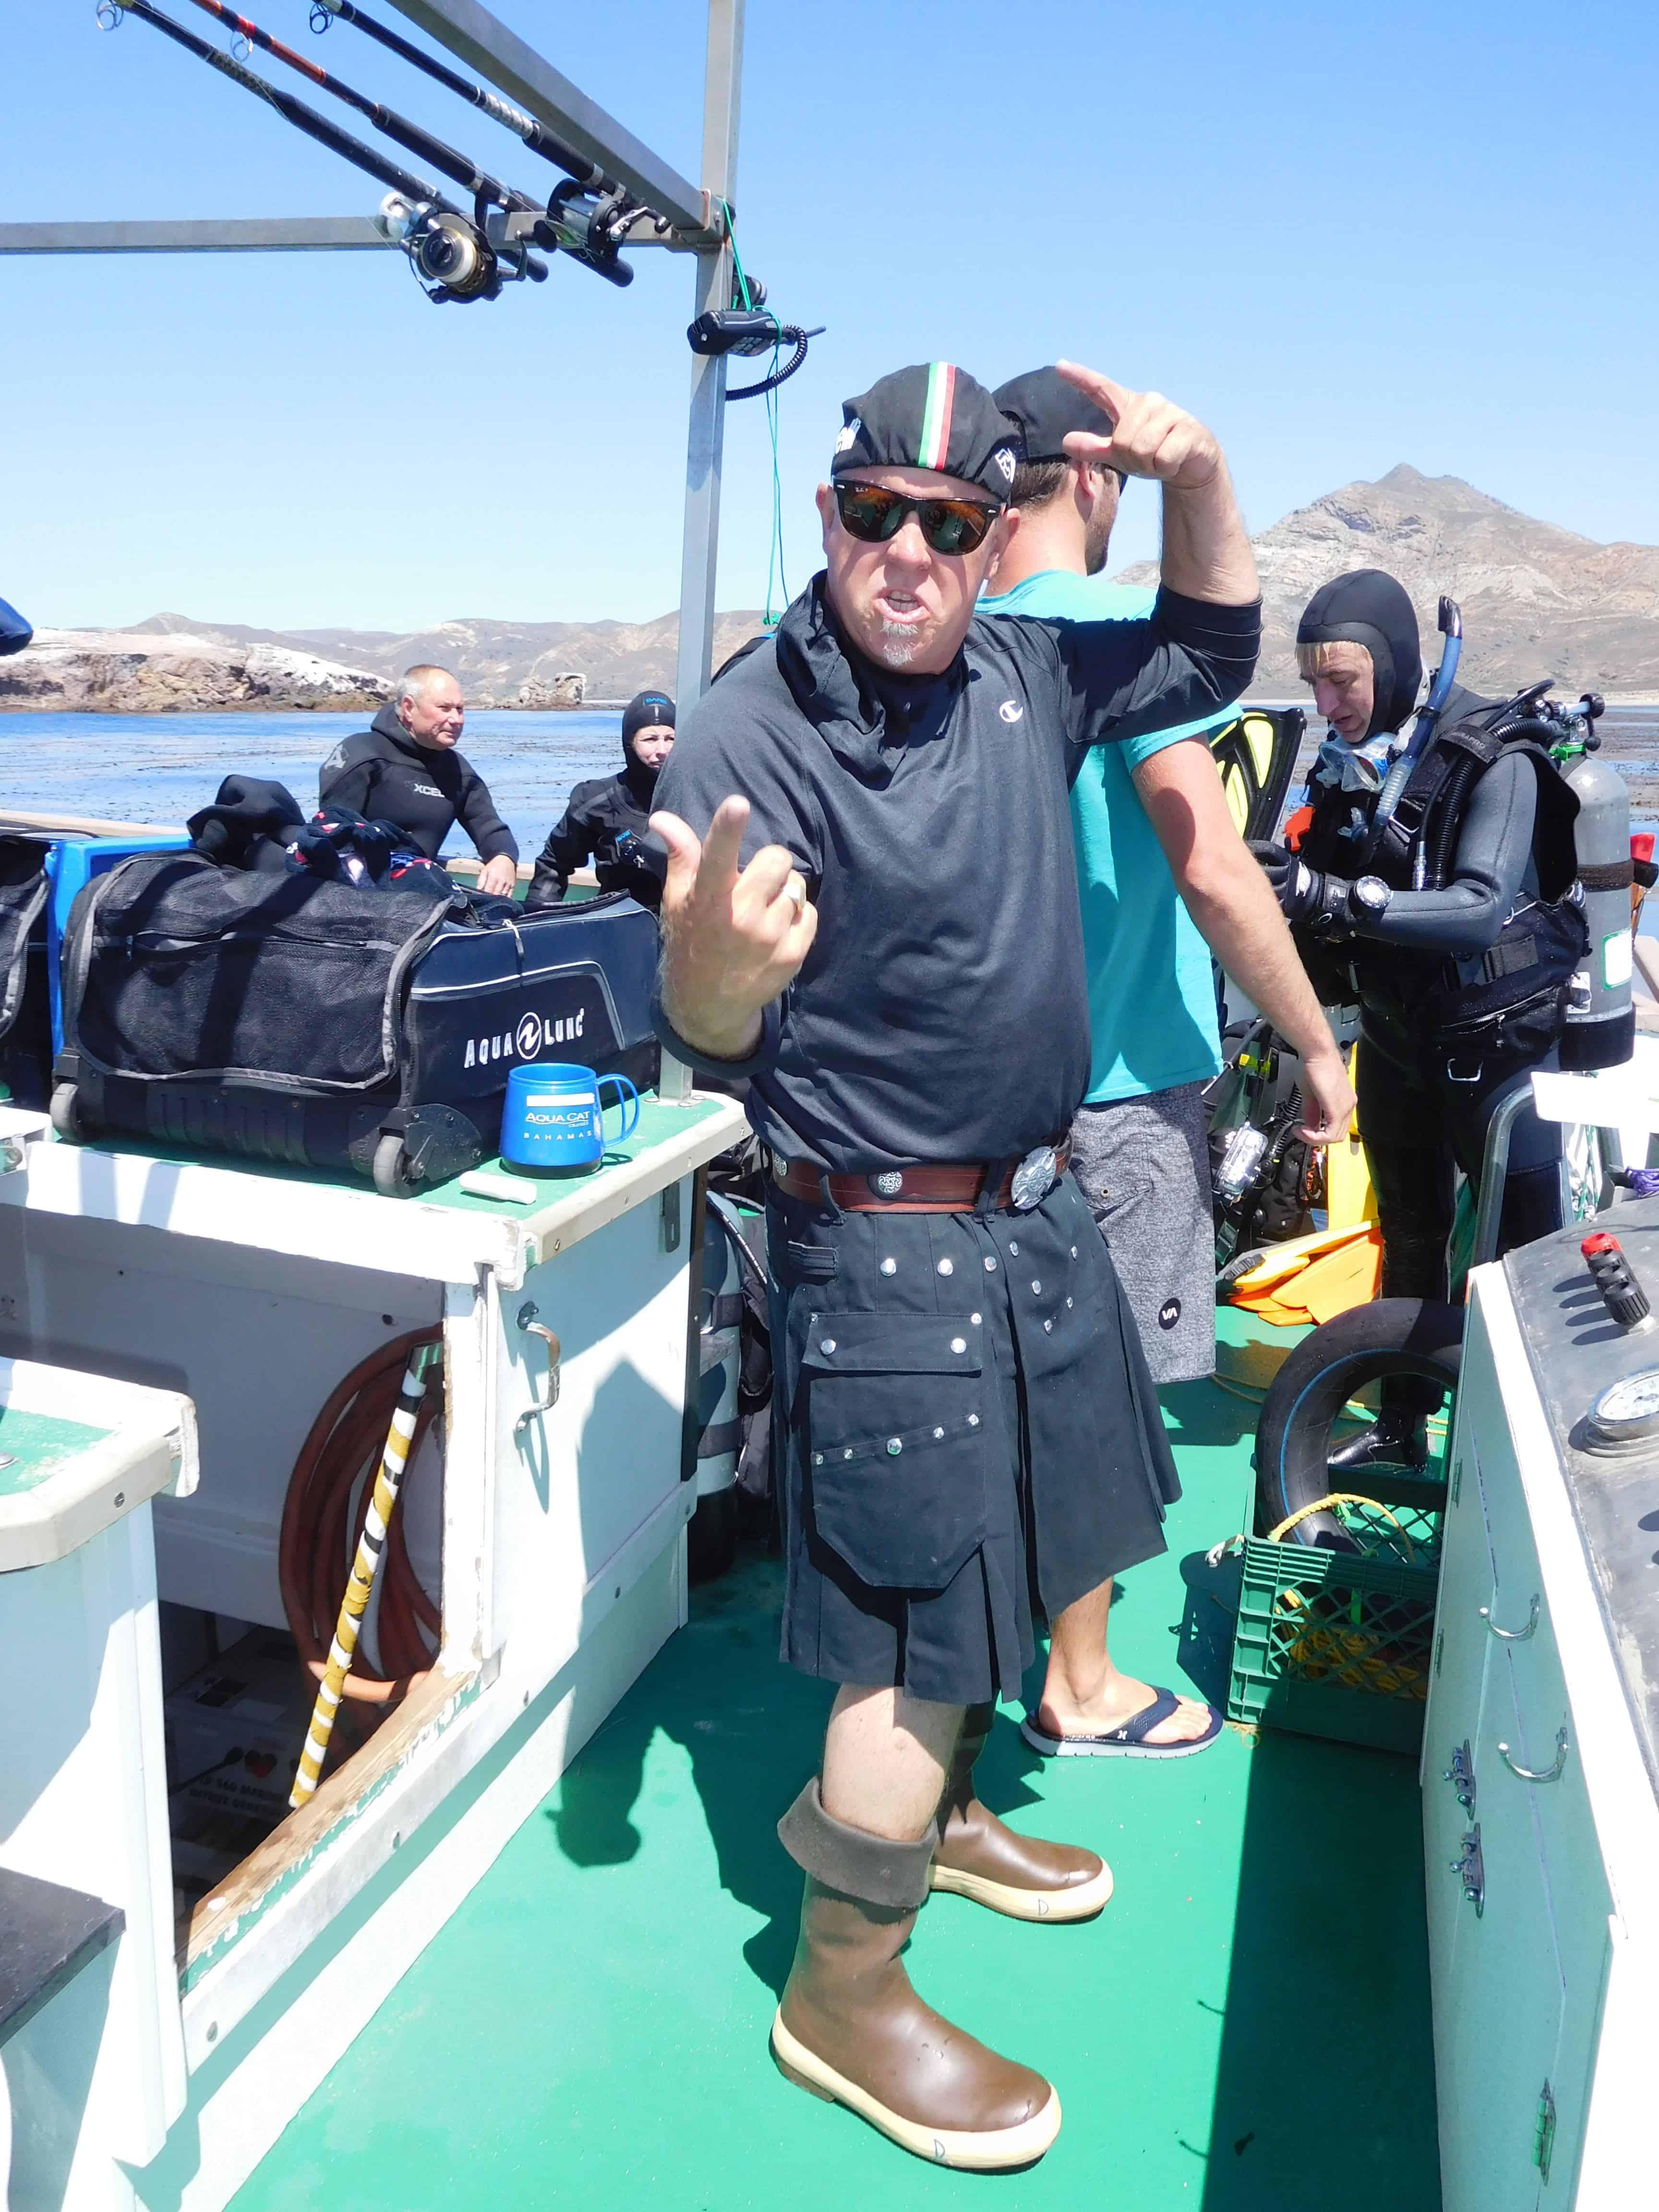 Captain Davey on a channel islands dive adventures scuba trip